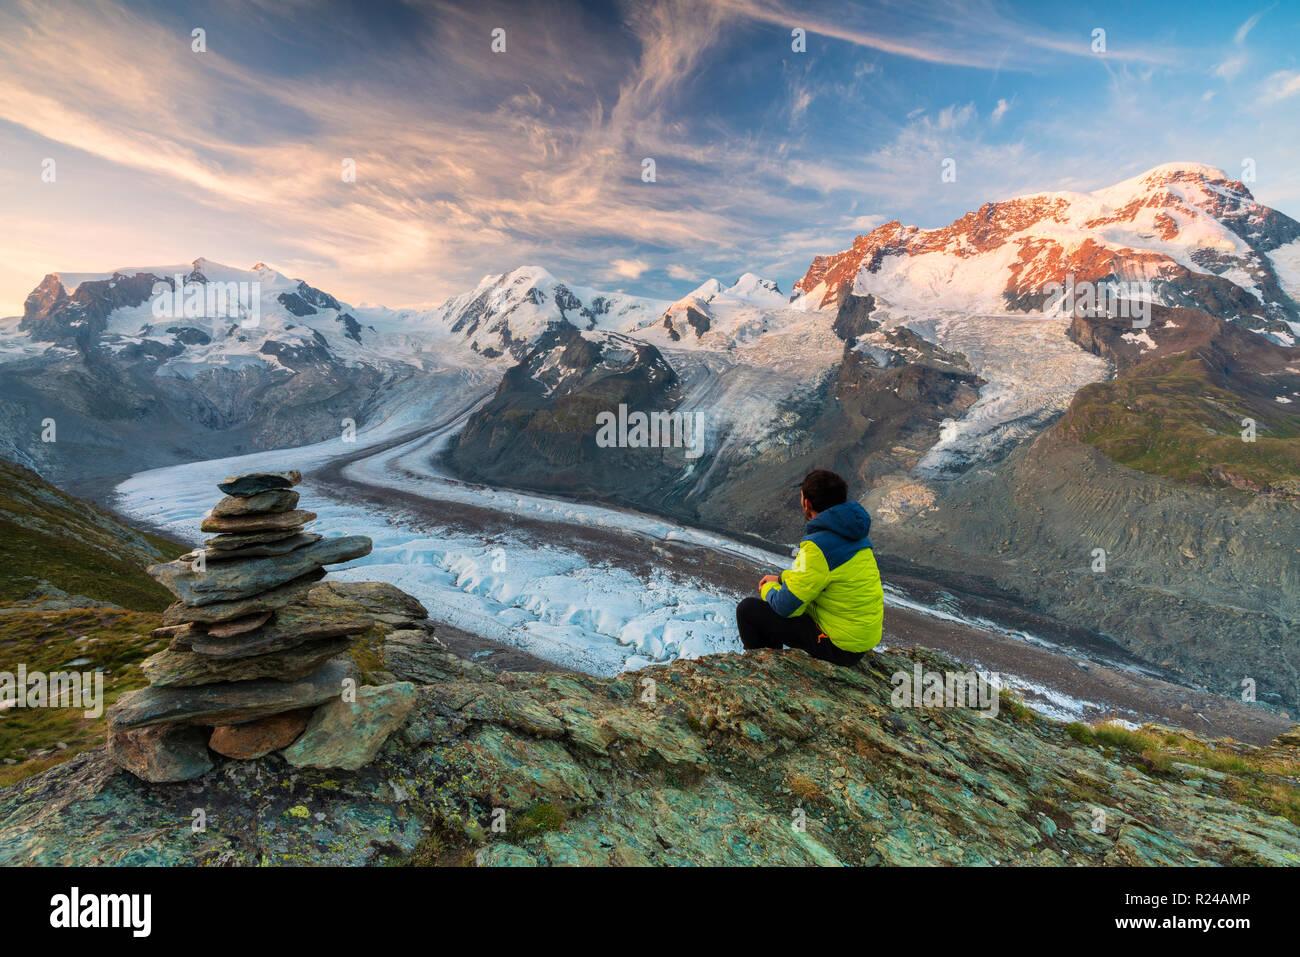 Wanderer auf den Felsen, Gletscher in Richtung Monte Rosa, Zermatt, Wallis, Schweizer Alpen, Schweiz, Europa, sitzen Stockbild